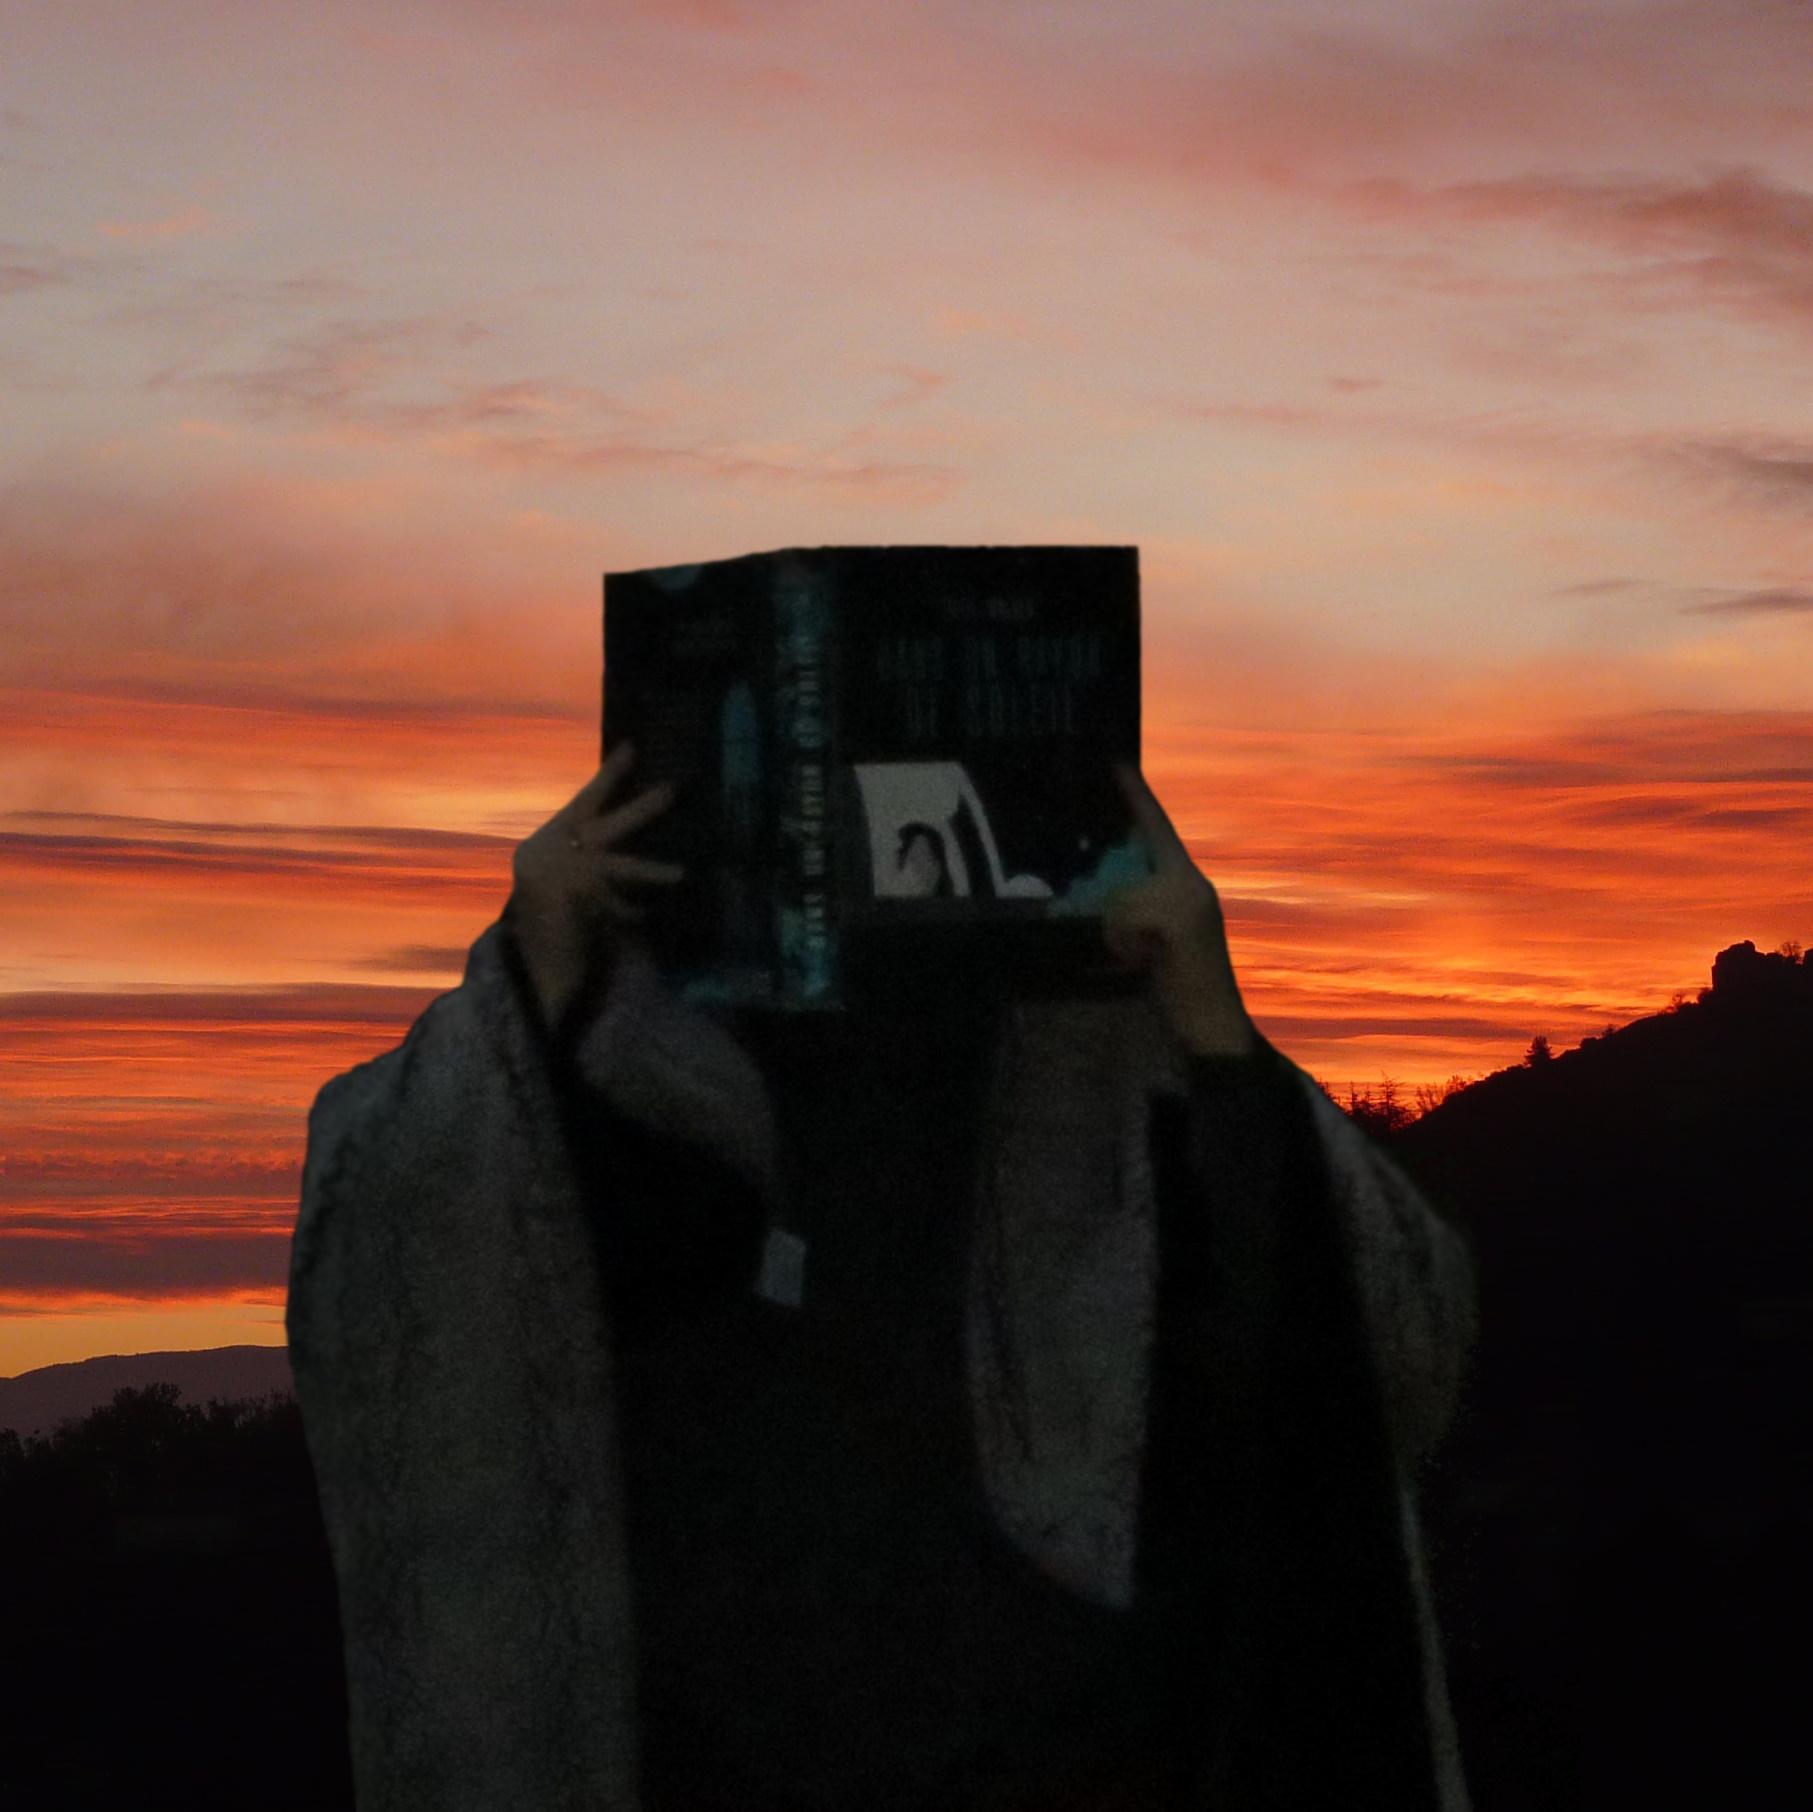 personne lisant Dans un Rayon de Soleil de Tillie Walden devant un lever de soleil enroulée dans un plaid